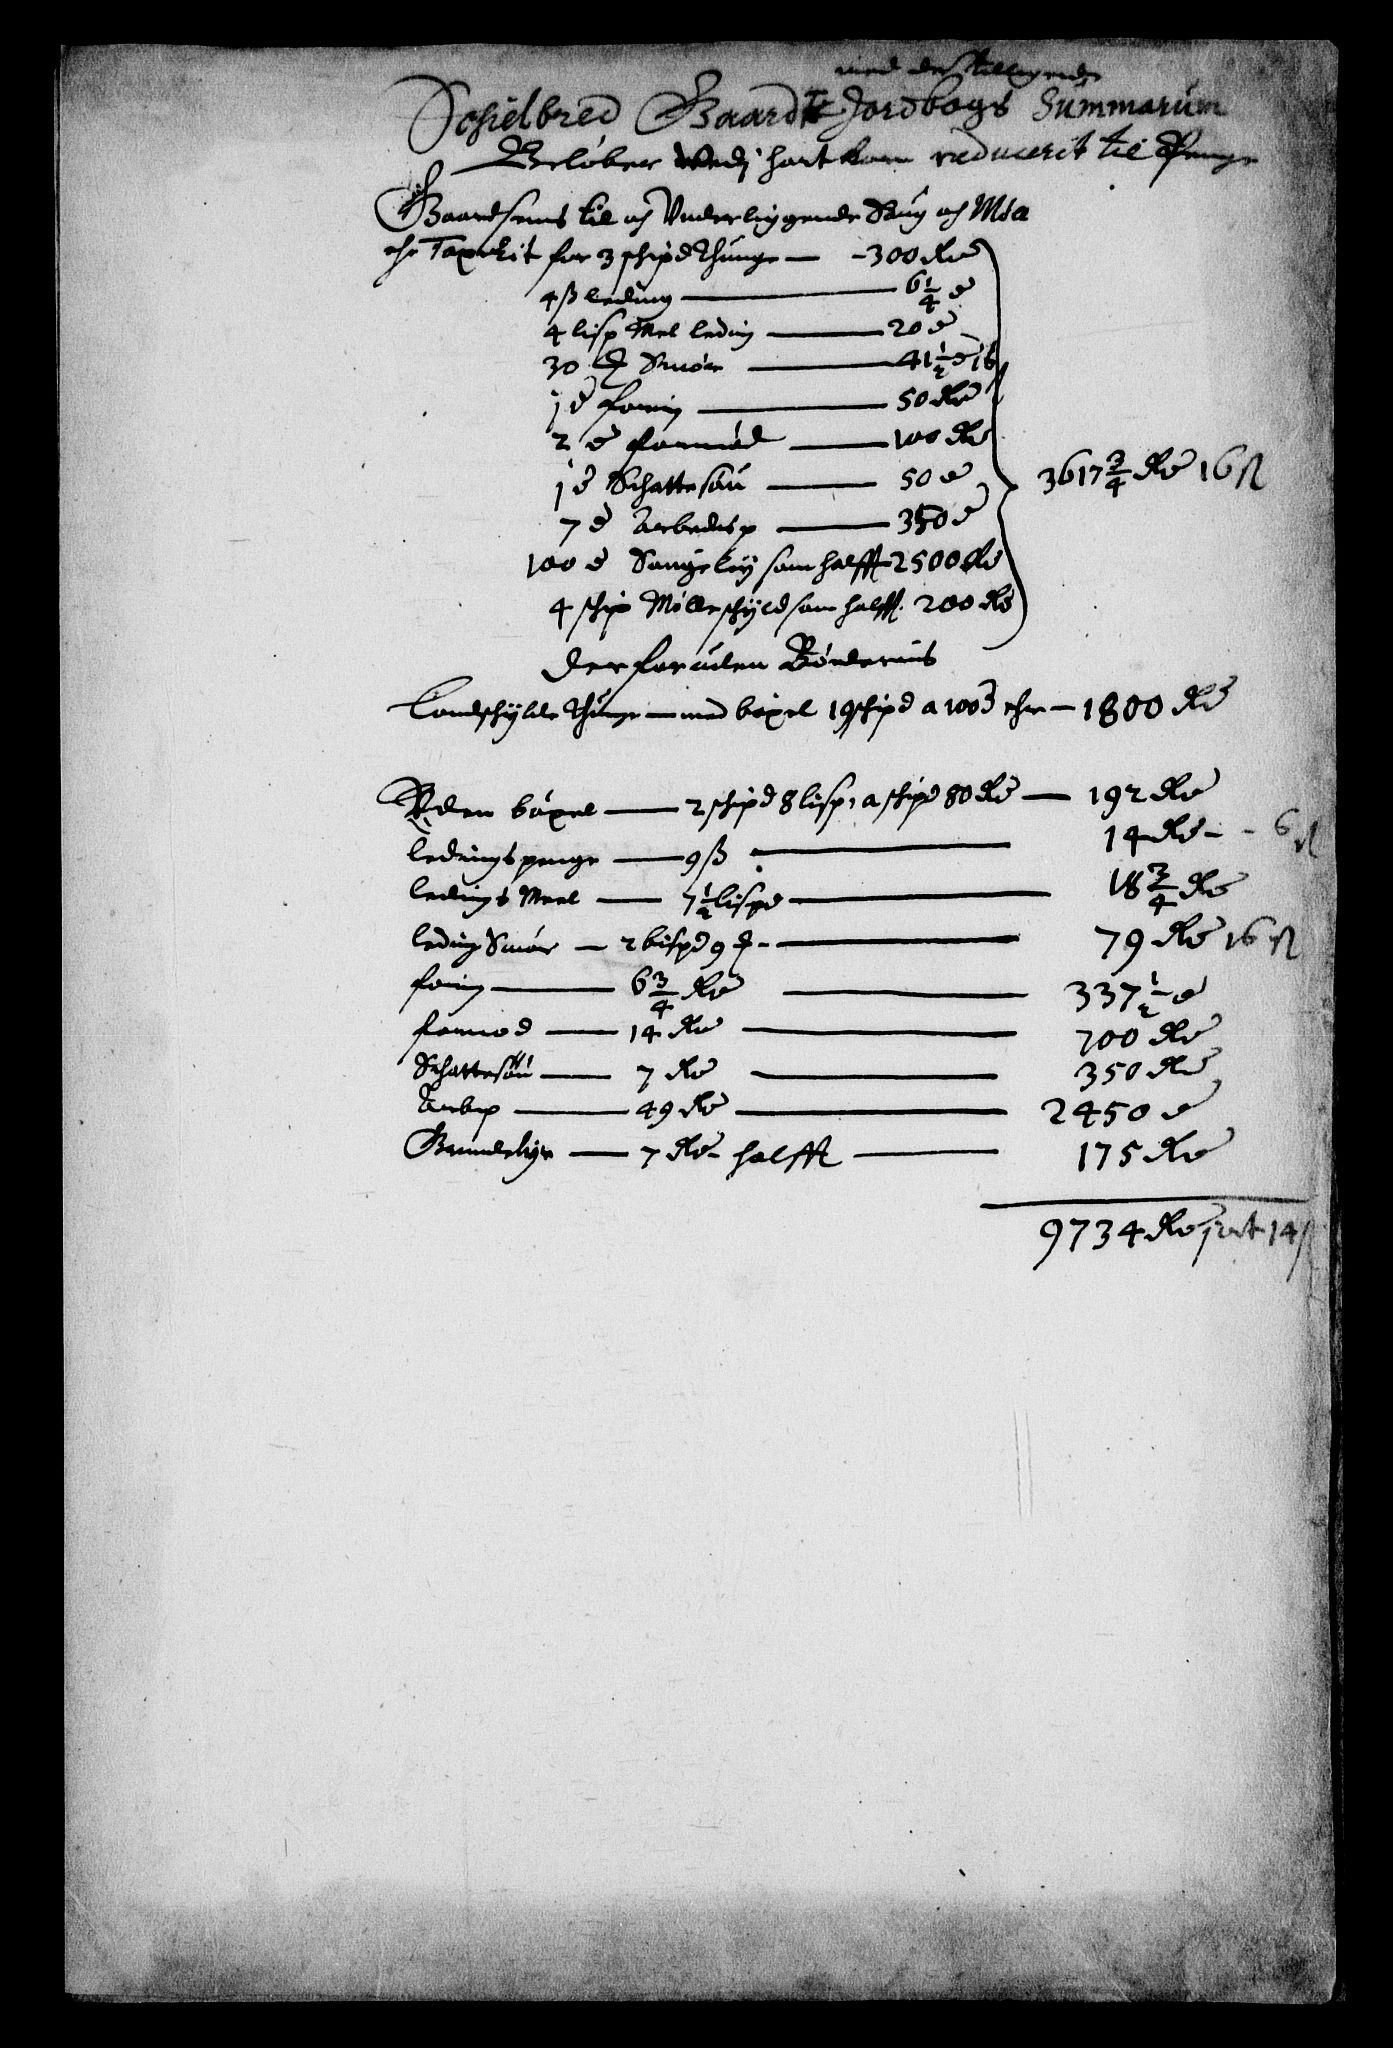 RA, Rentekammeret inntil 1814, Realistisk ordnet avdeling, On/L0006: [Jj 7]: Jordebøker og dokumenter over det sekulariserte kirke- og klostergodset:, 1658-1682, s. 160